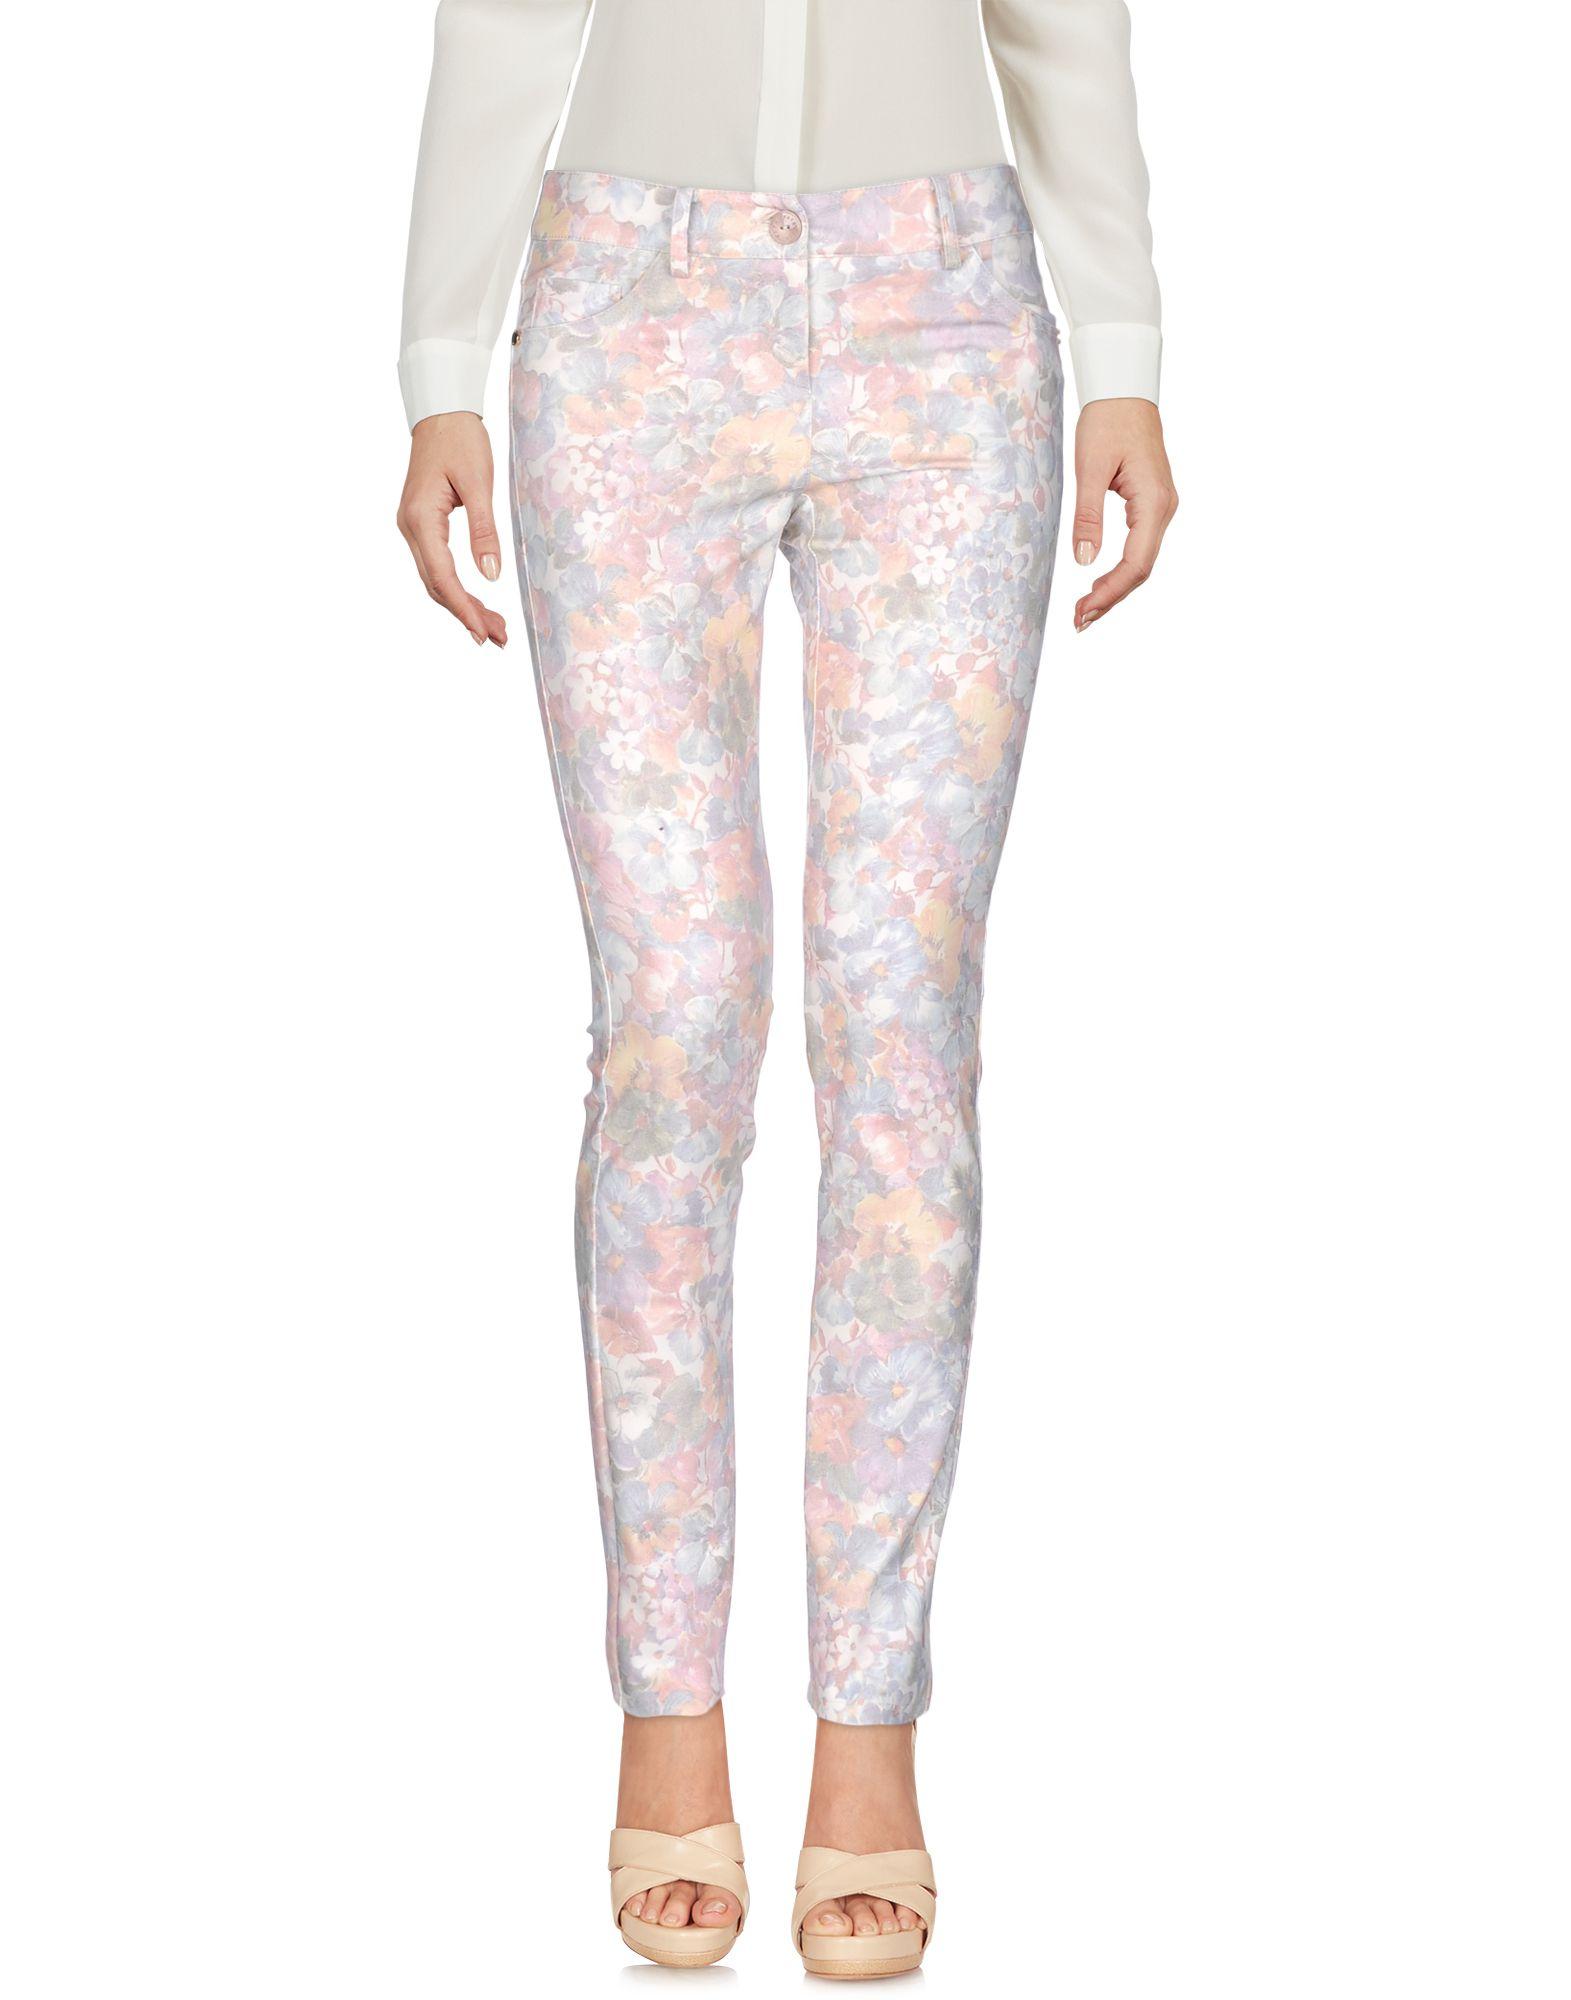 PATRIZIA PEPE Повседневные брюки patrizia pepe джинсы 5 карманов облегающие из мягкого комфортного денима